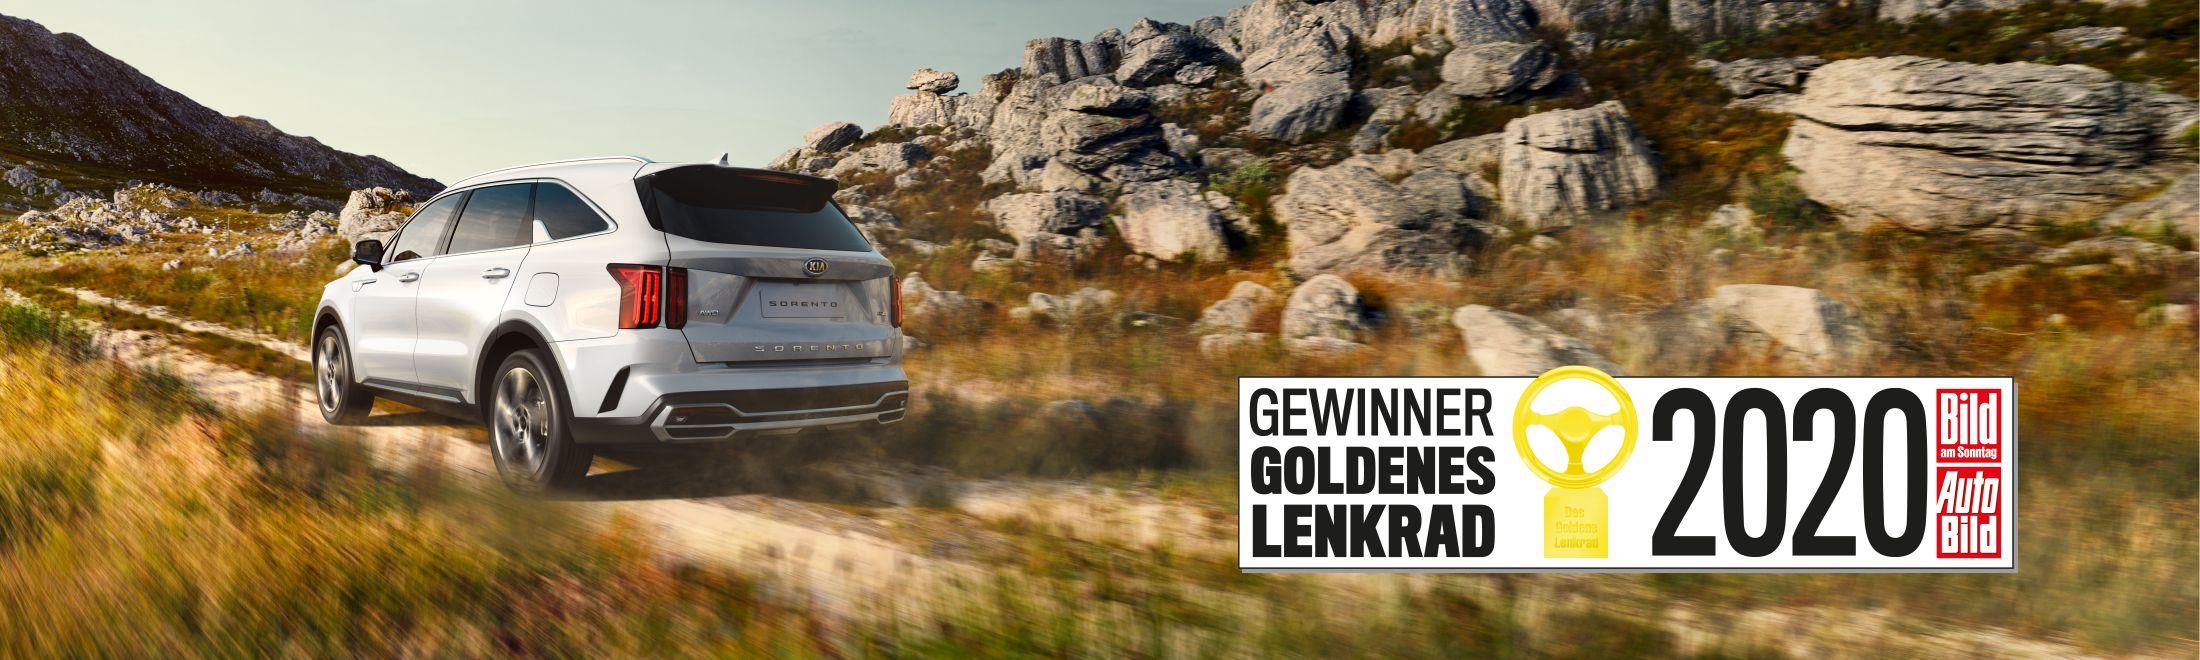 Kia Sorento - Goldenes Lenkrad 2020